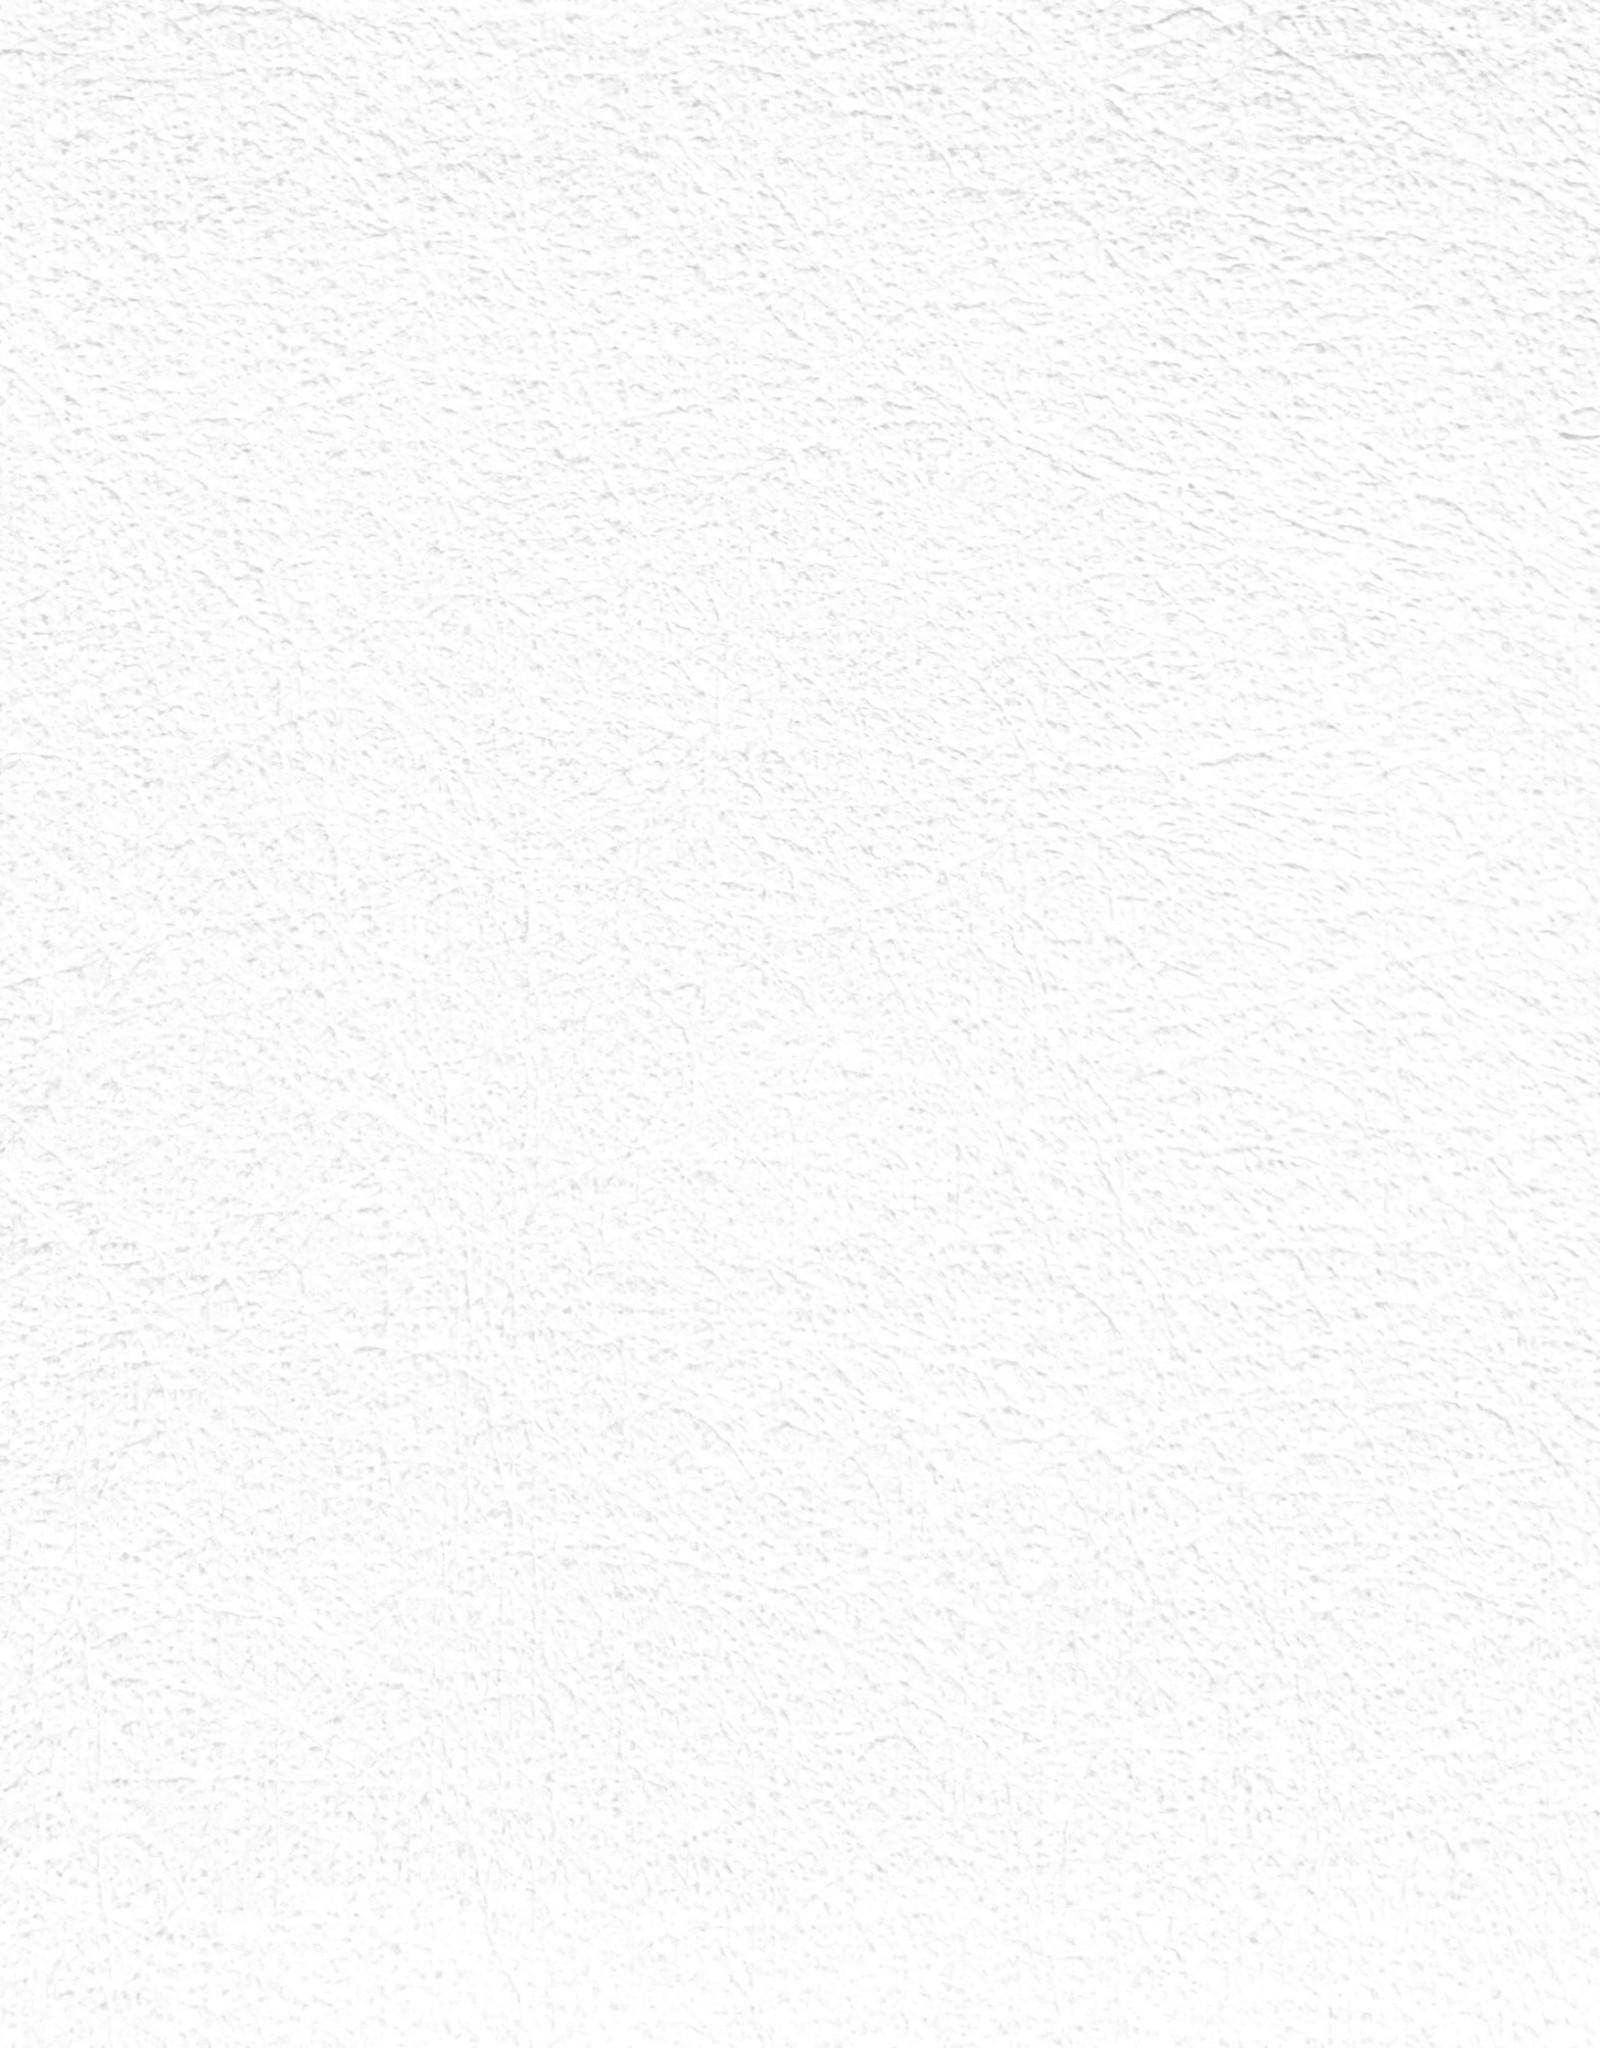 """Evolon AP, 58 gsm, 22"""" x 30"""", Single Sheet"""